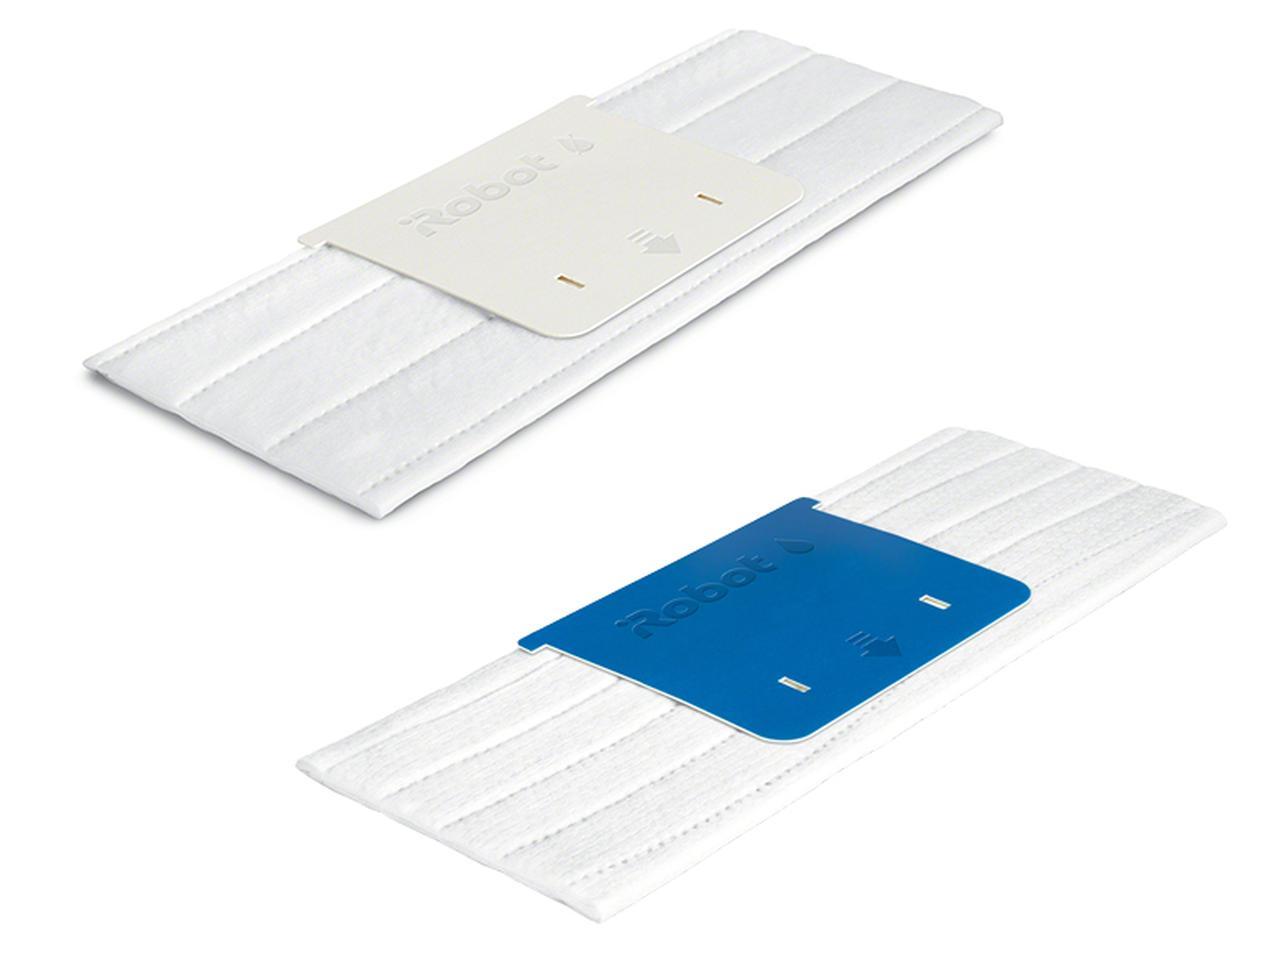 画像: 水拭きと乾拭きのそれぞれに、「洗濯可能」「使い捨て」のパッドが用意される。各パッドの違いは、本体と接する部分の切り欠きで判別され、パッド装着時に自動で清掃モードが設定される。